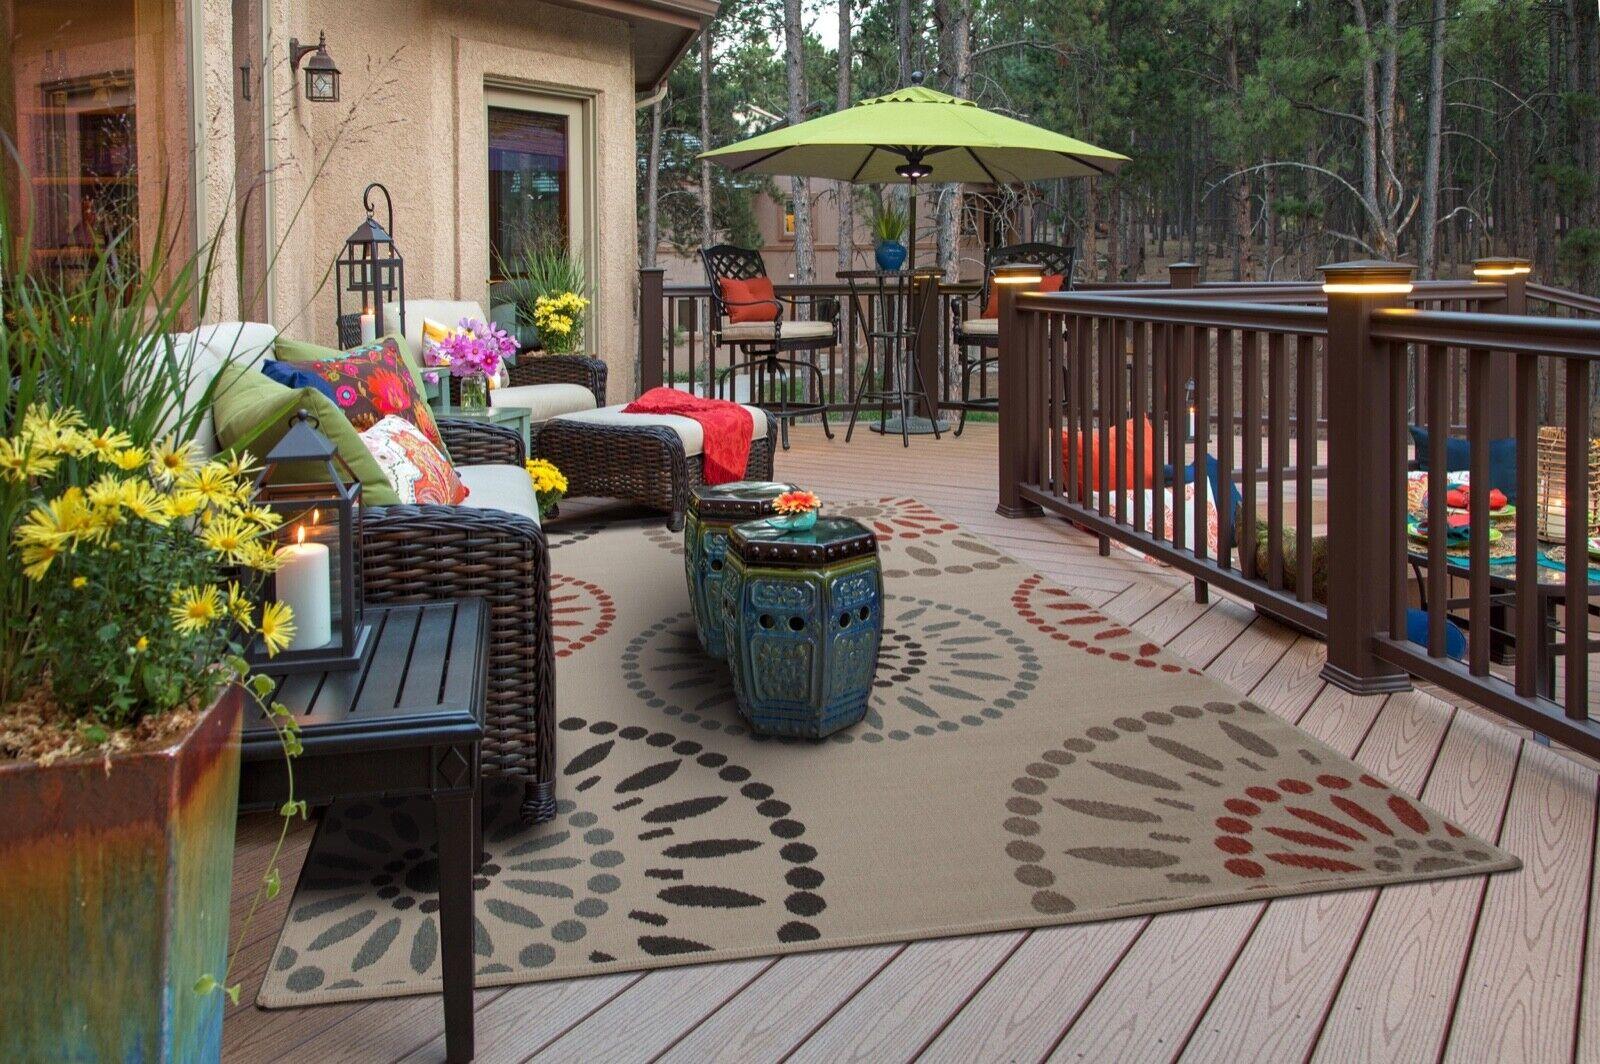 Weather-Proof standf#10 Cream Indoor/Outdoor Area Rug size 2